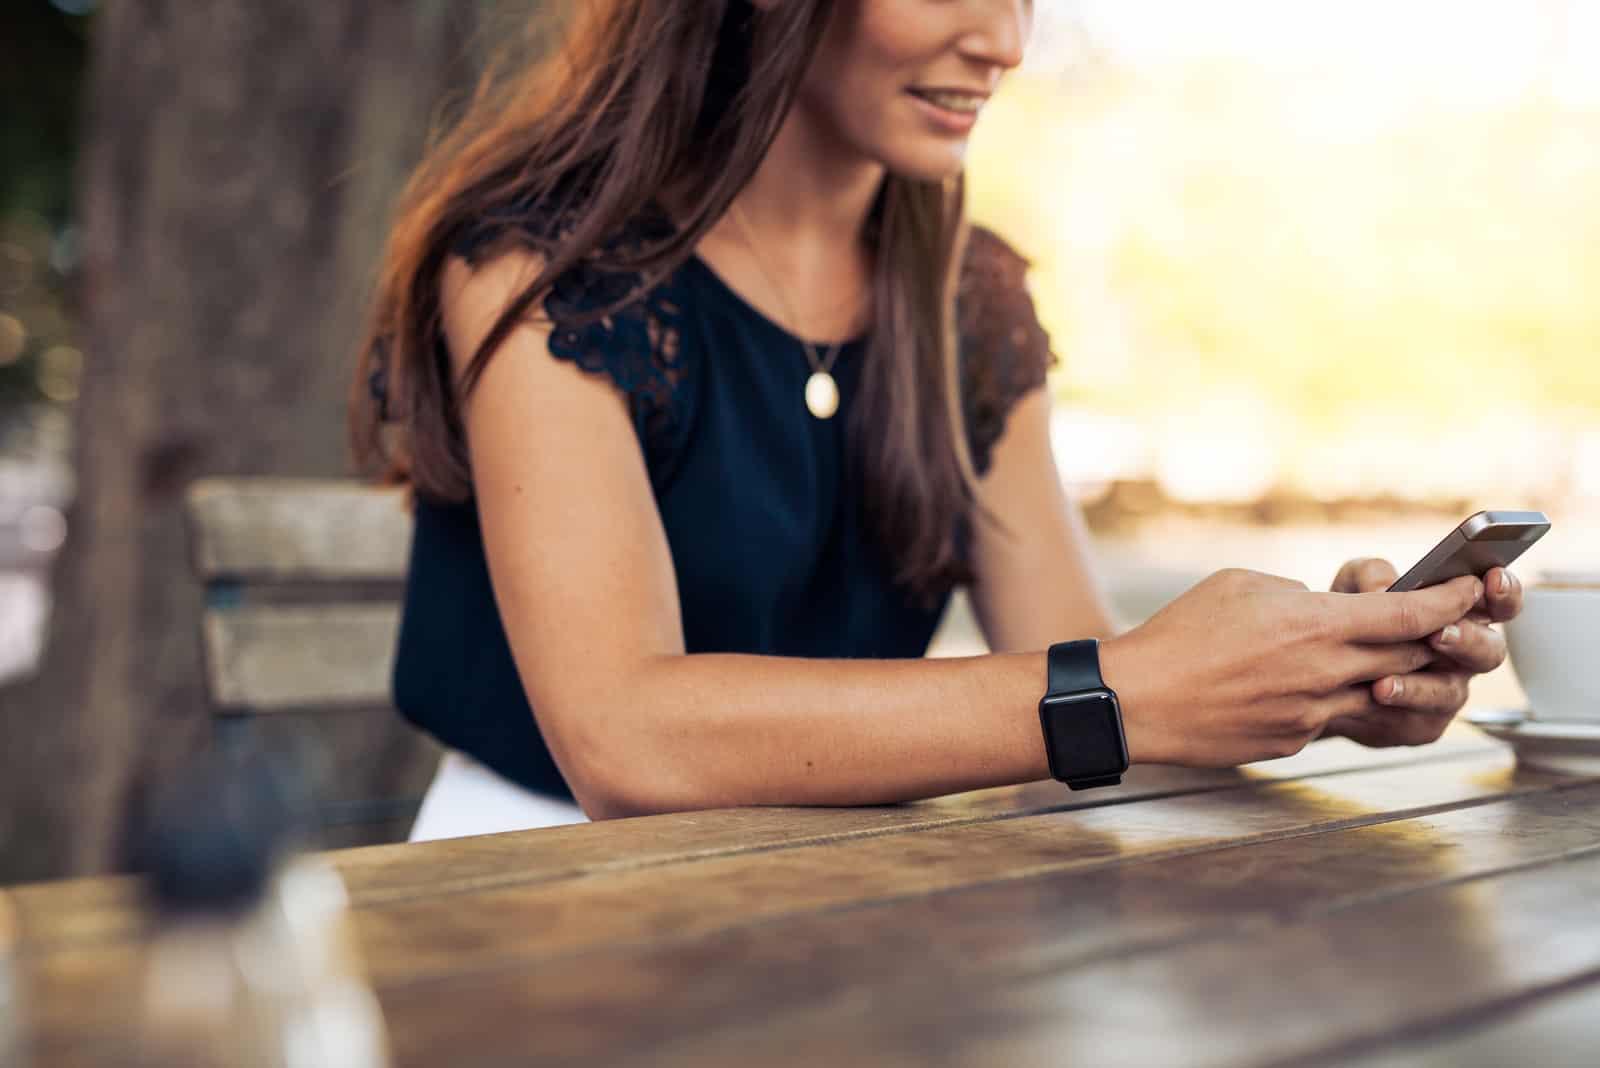 Femme tapant un message texte sur un téléphone intelligent dans un café